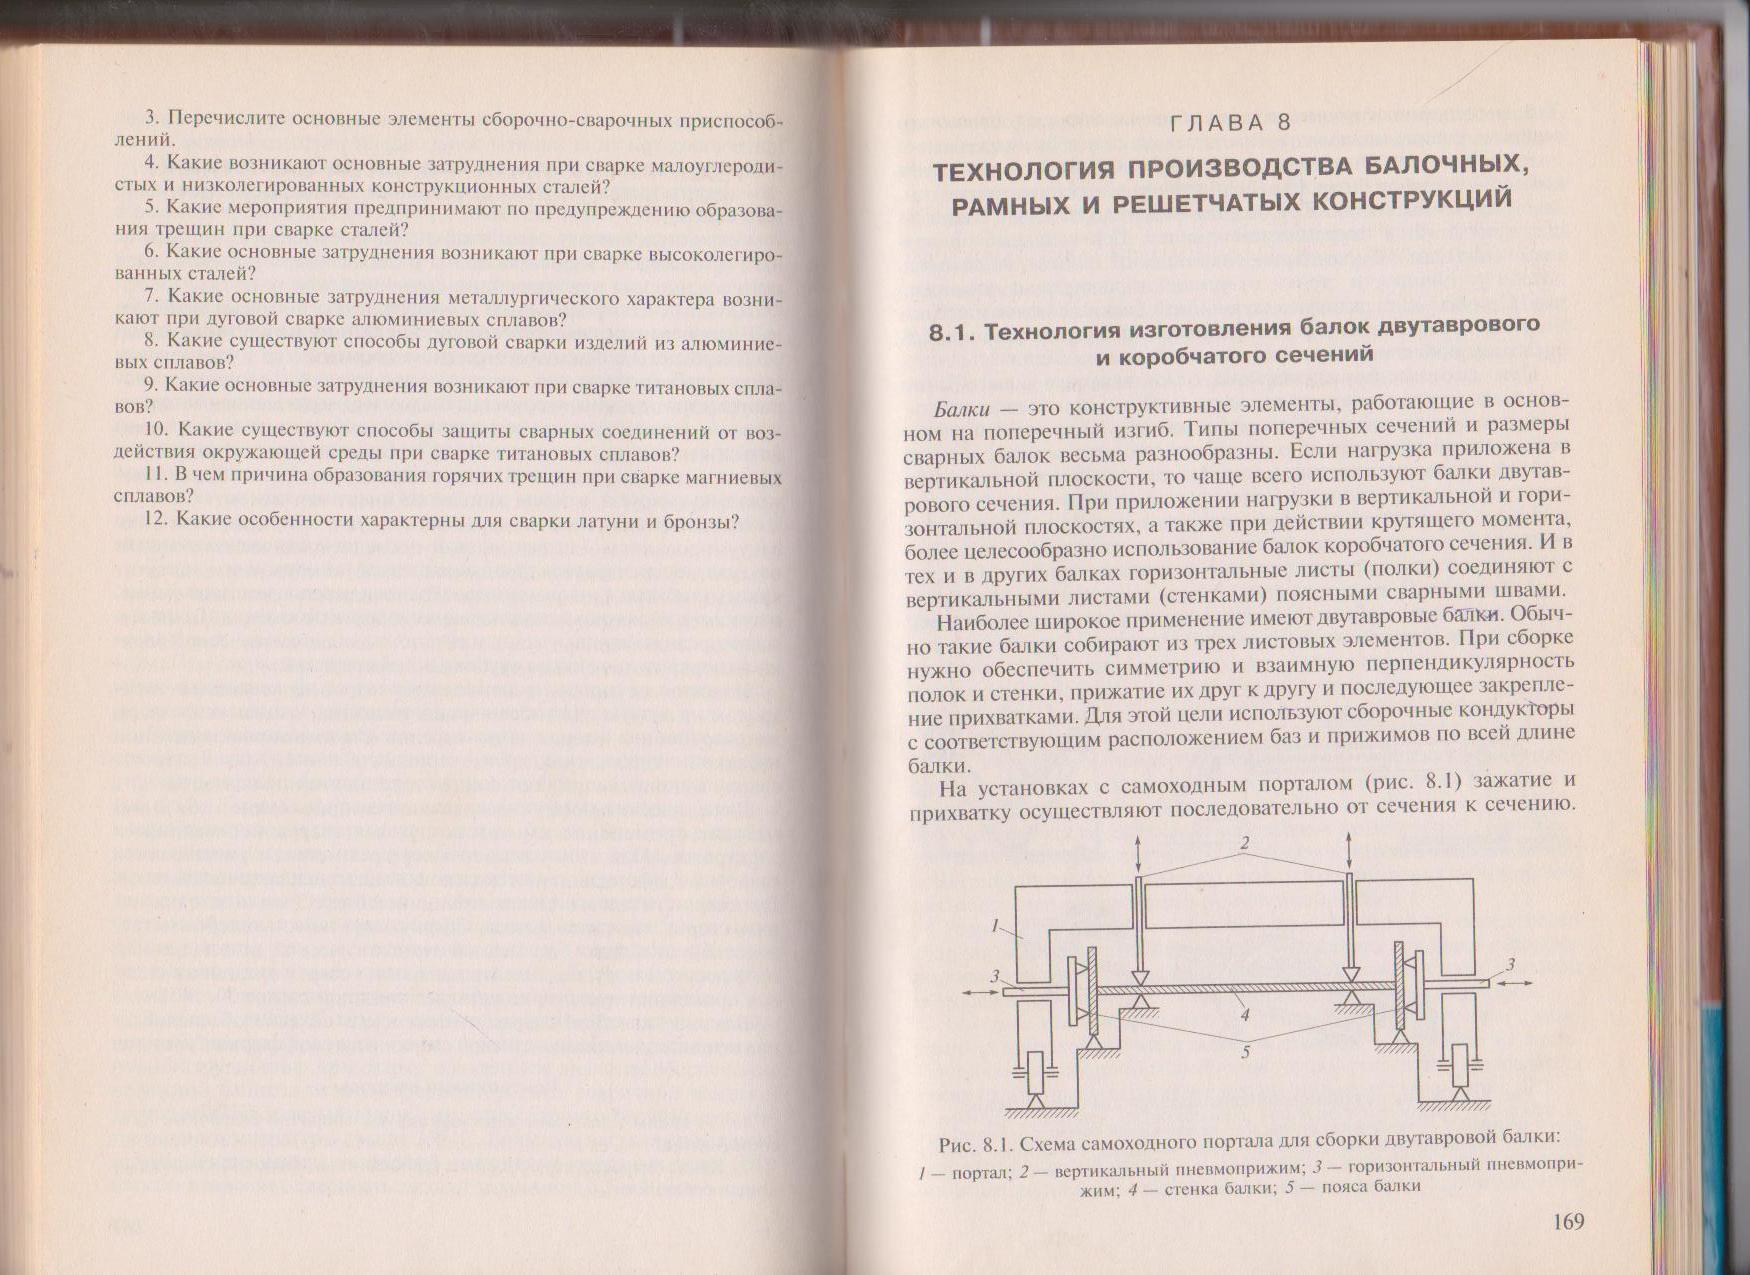 ПМ 01 МДК 01-02 Технология производства сварных конструкций